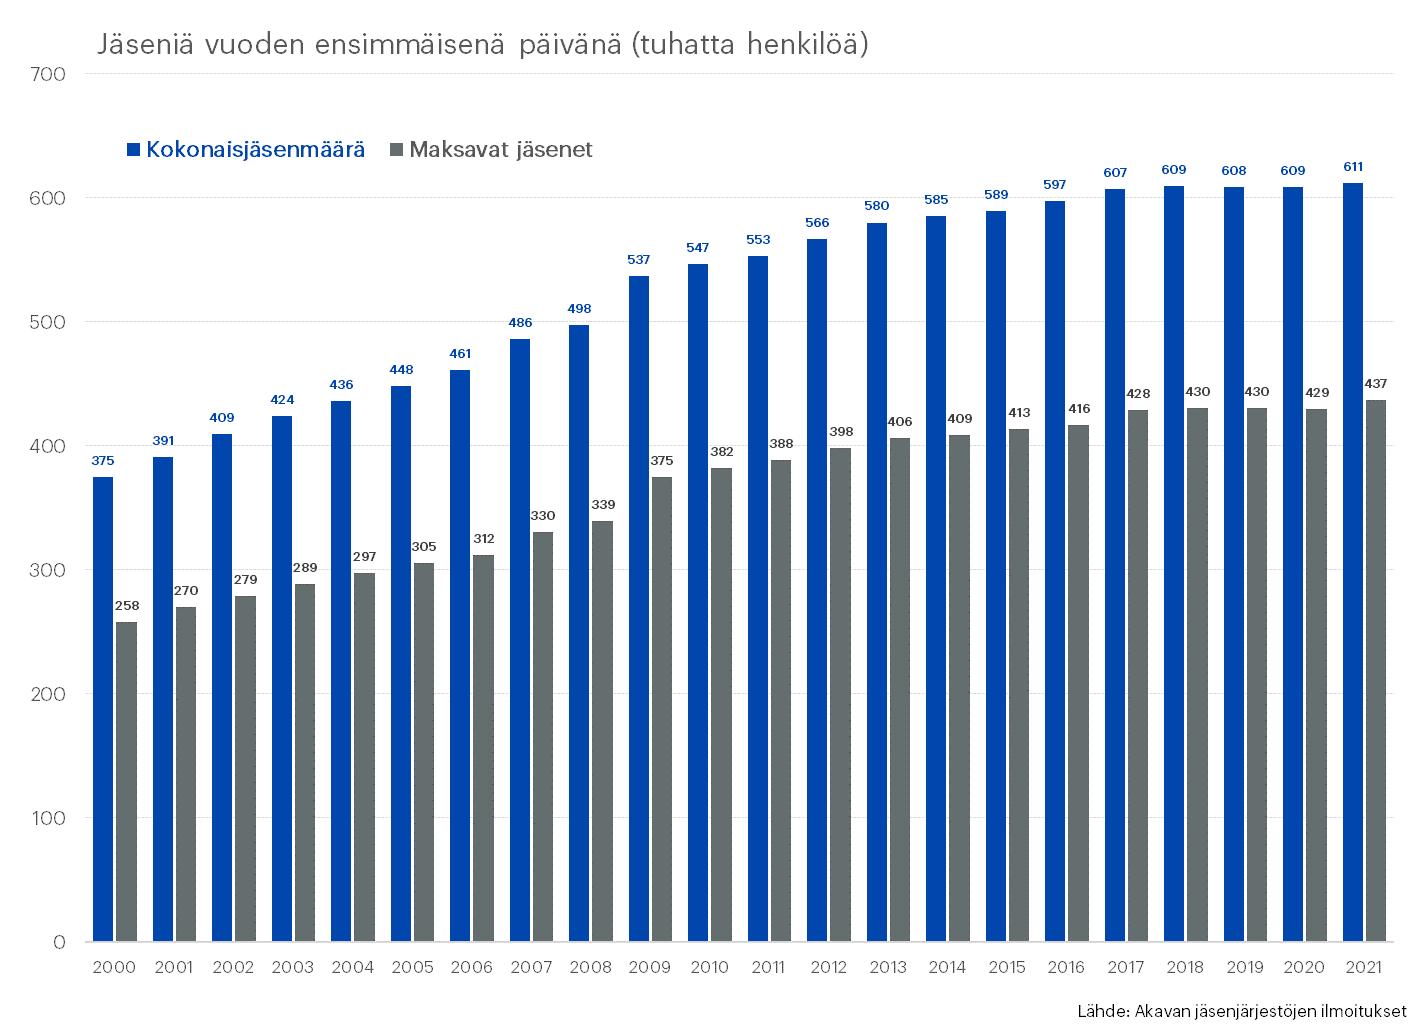 Pylväskaavio Akavan jäsenmäärän kehityksestä vuosina 2000–2021, mukana maksavien jäsenten määrä ja kokonaisjäsenmäärä